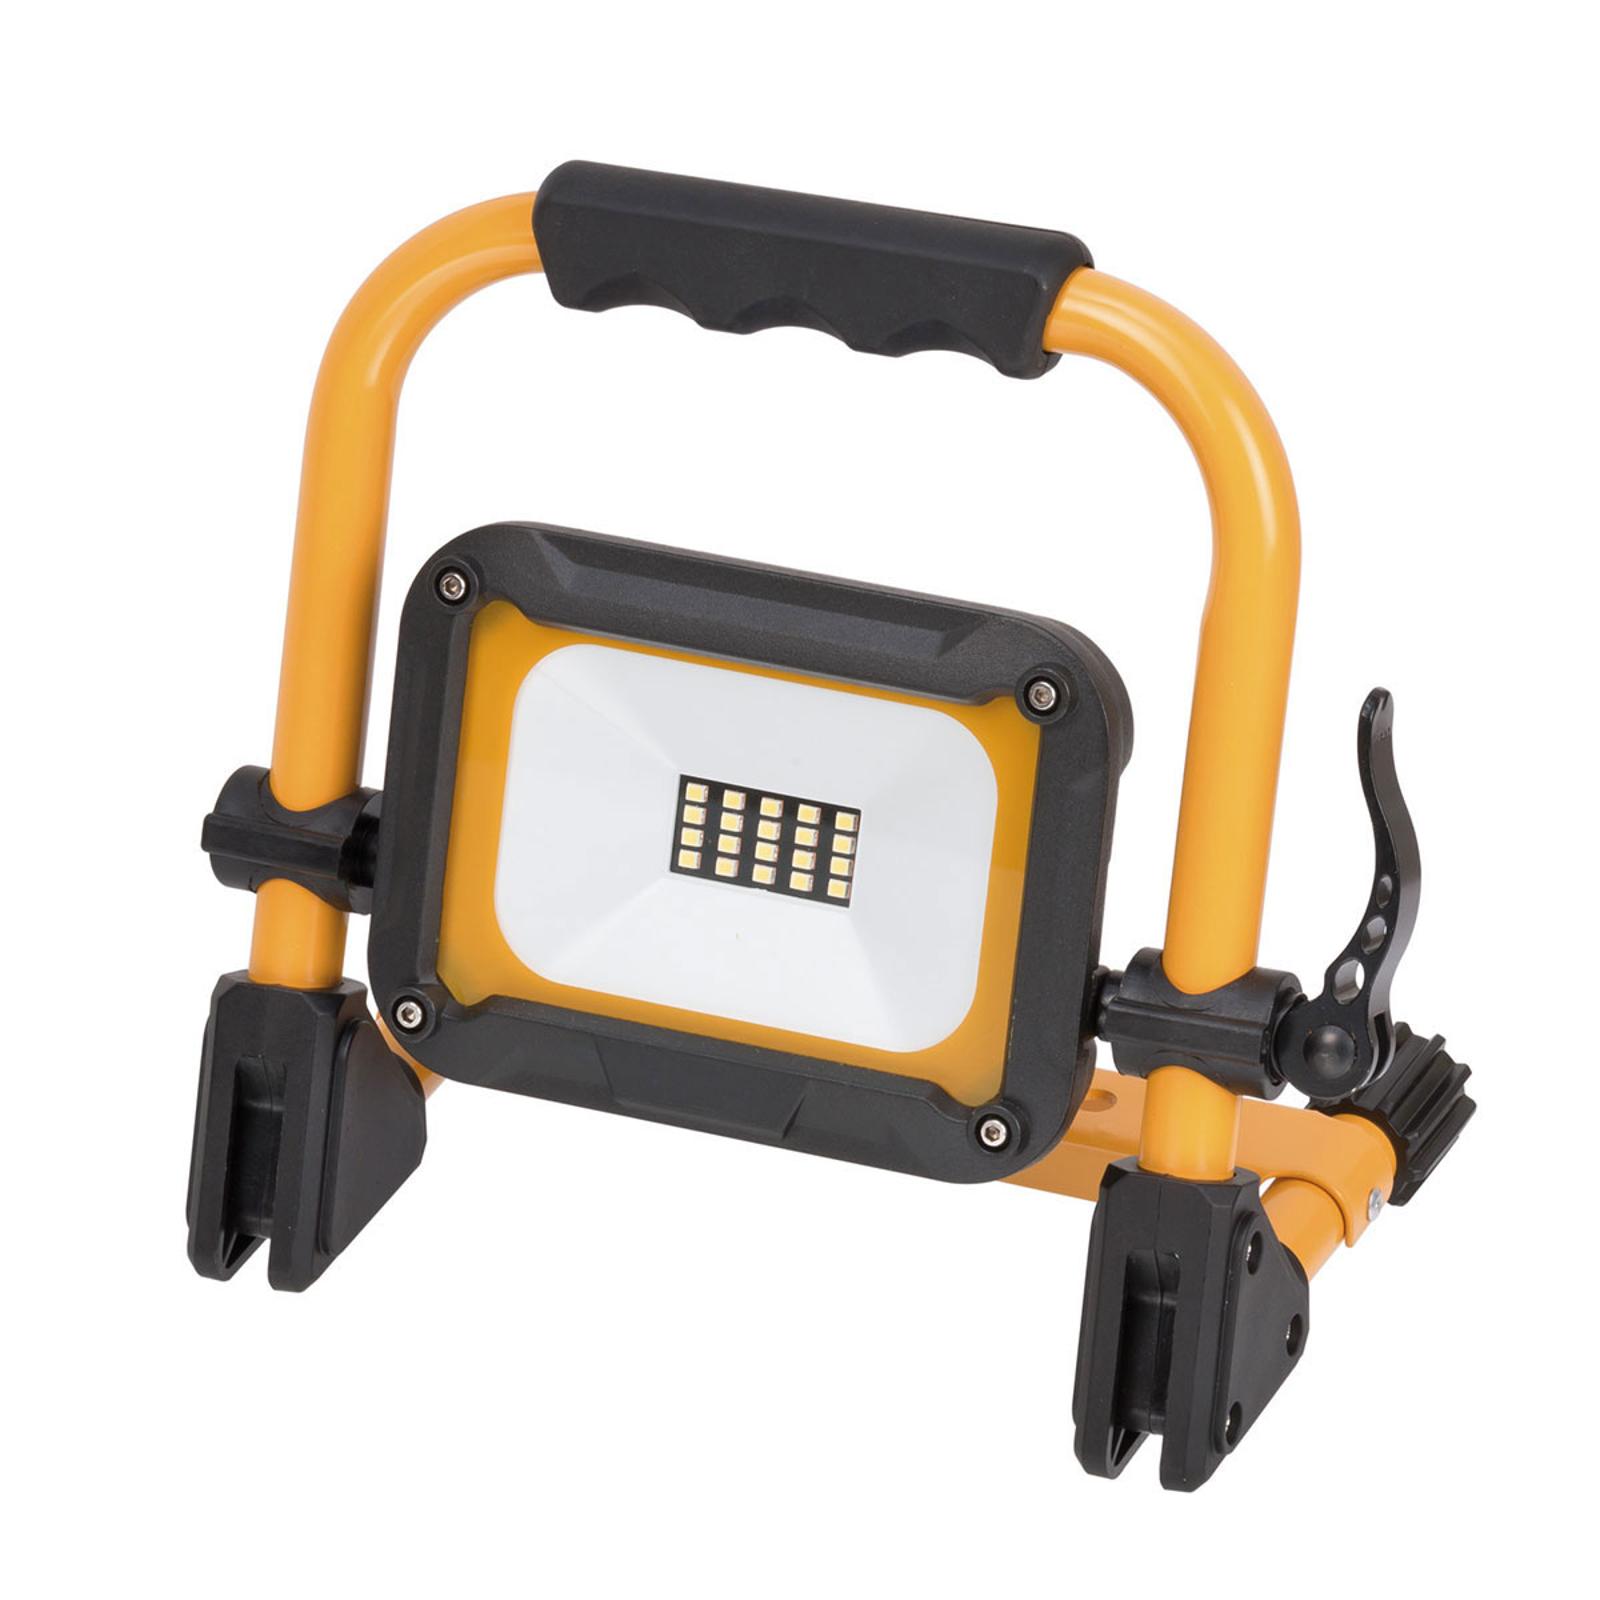 LED-Baustrahler Jaro m. Akku, mobil, IP54 10W